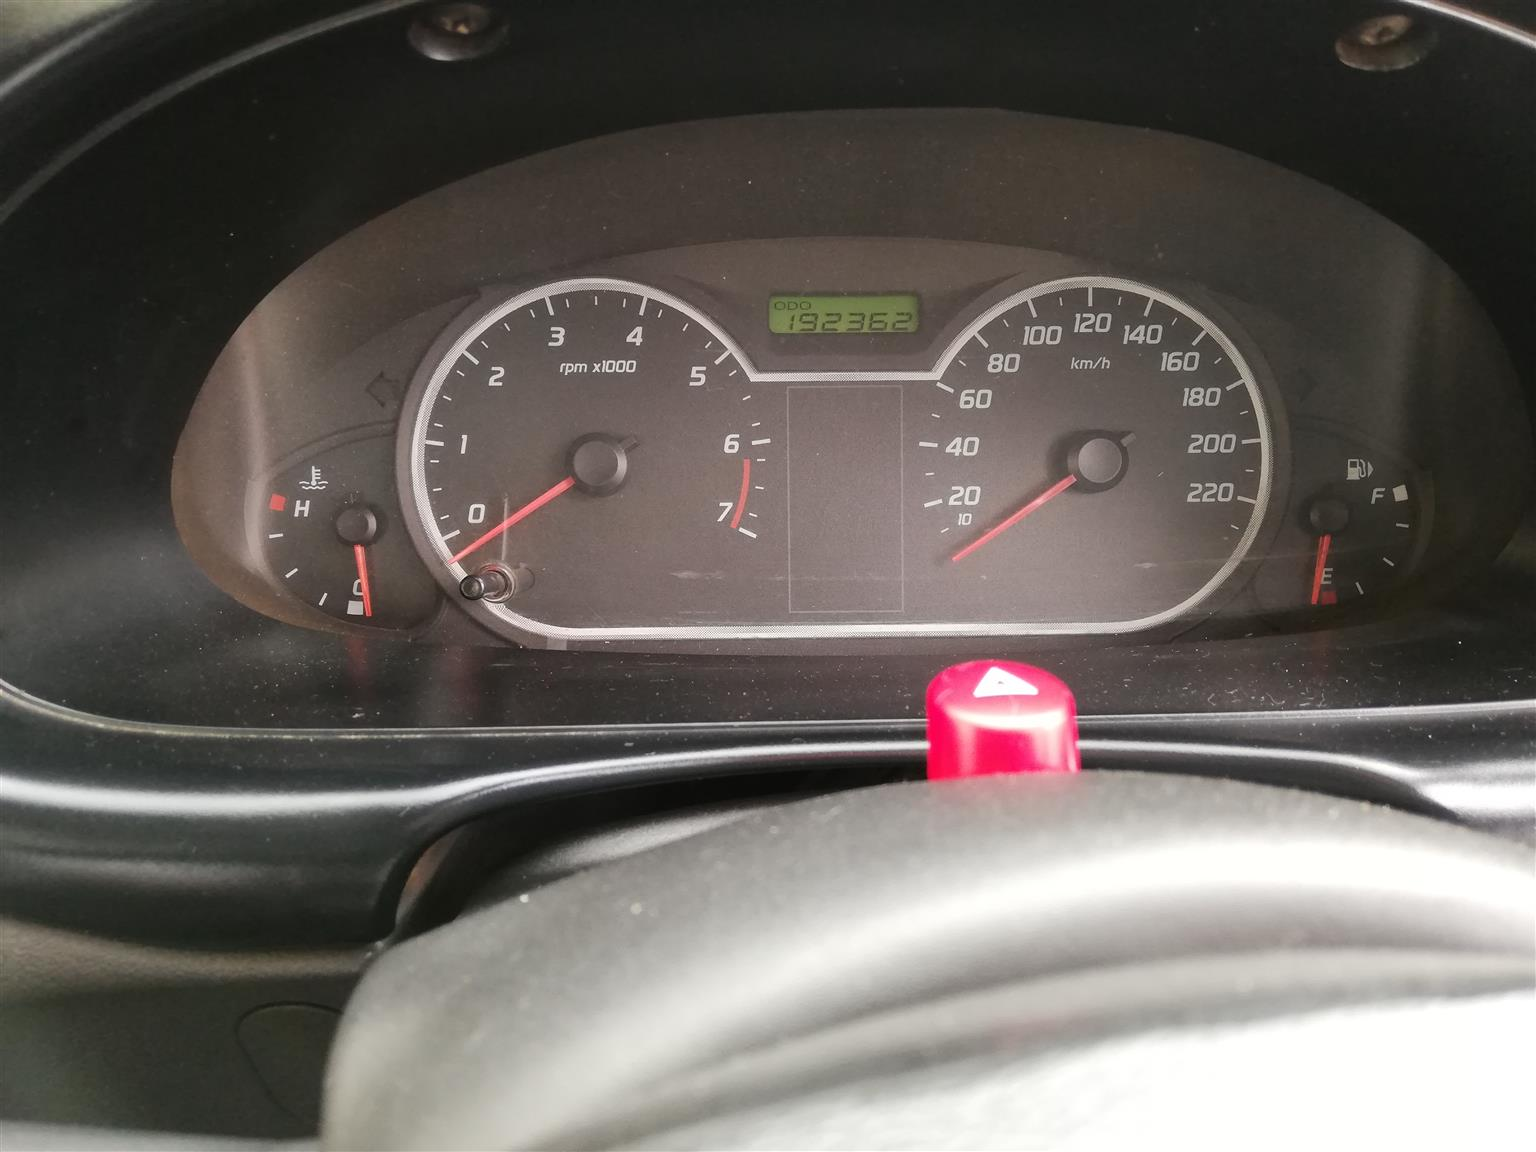 2011 Ford Bantam 1.6i